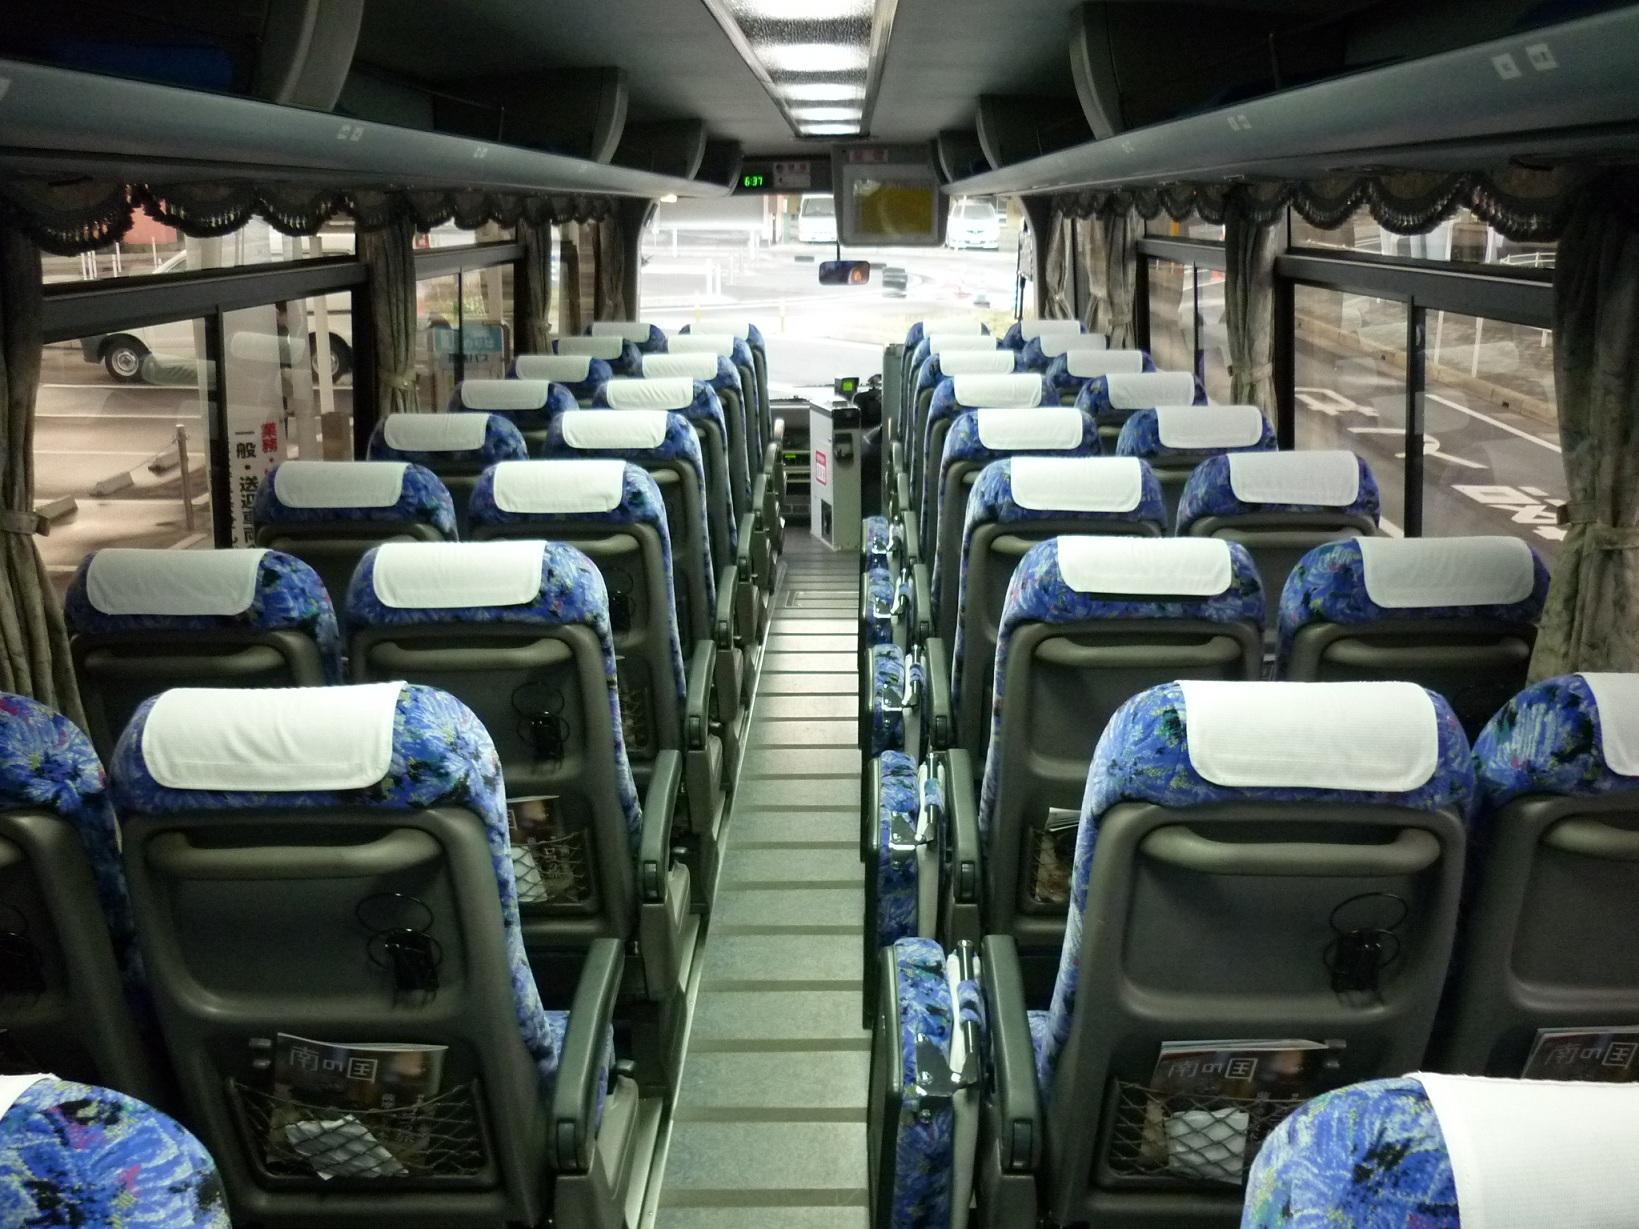 きりしま号 - バス乗車記 バス乗車記 高速バス・夜行バス・長距離バスの乗車レビューです トップ